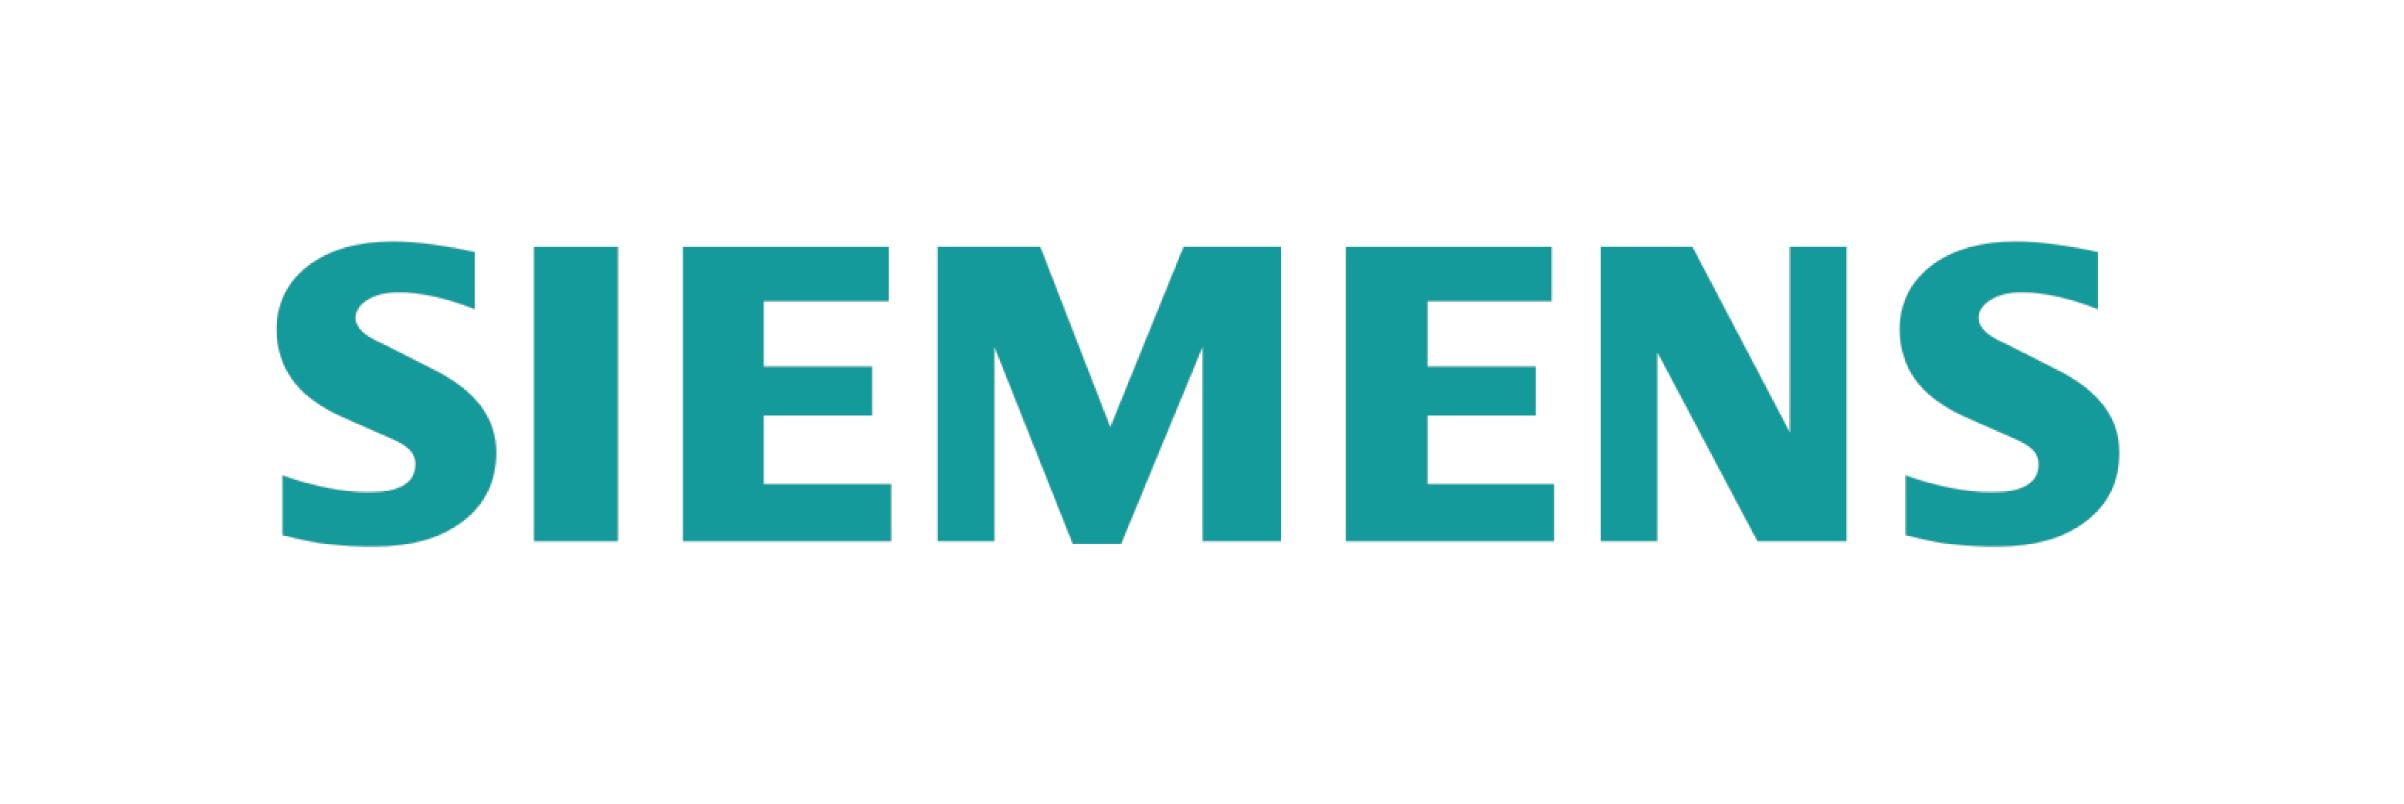 Siemens_web.png